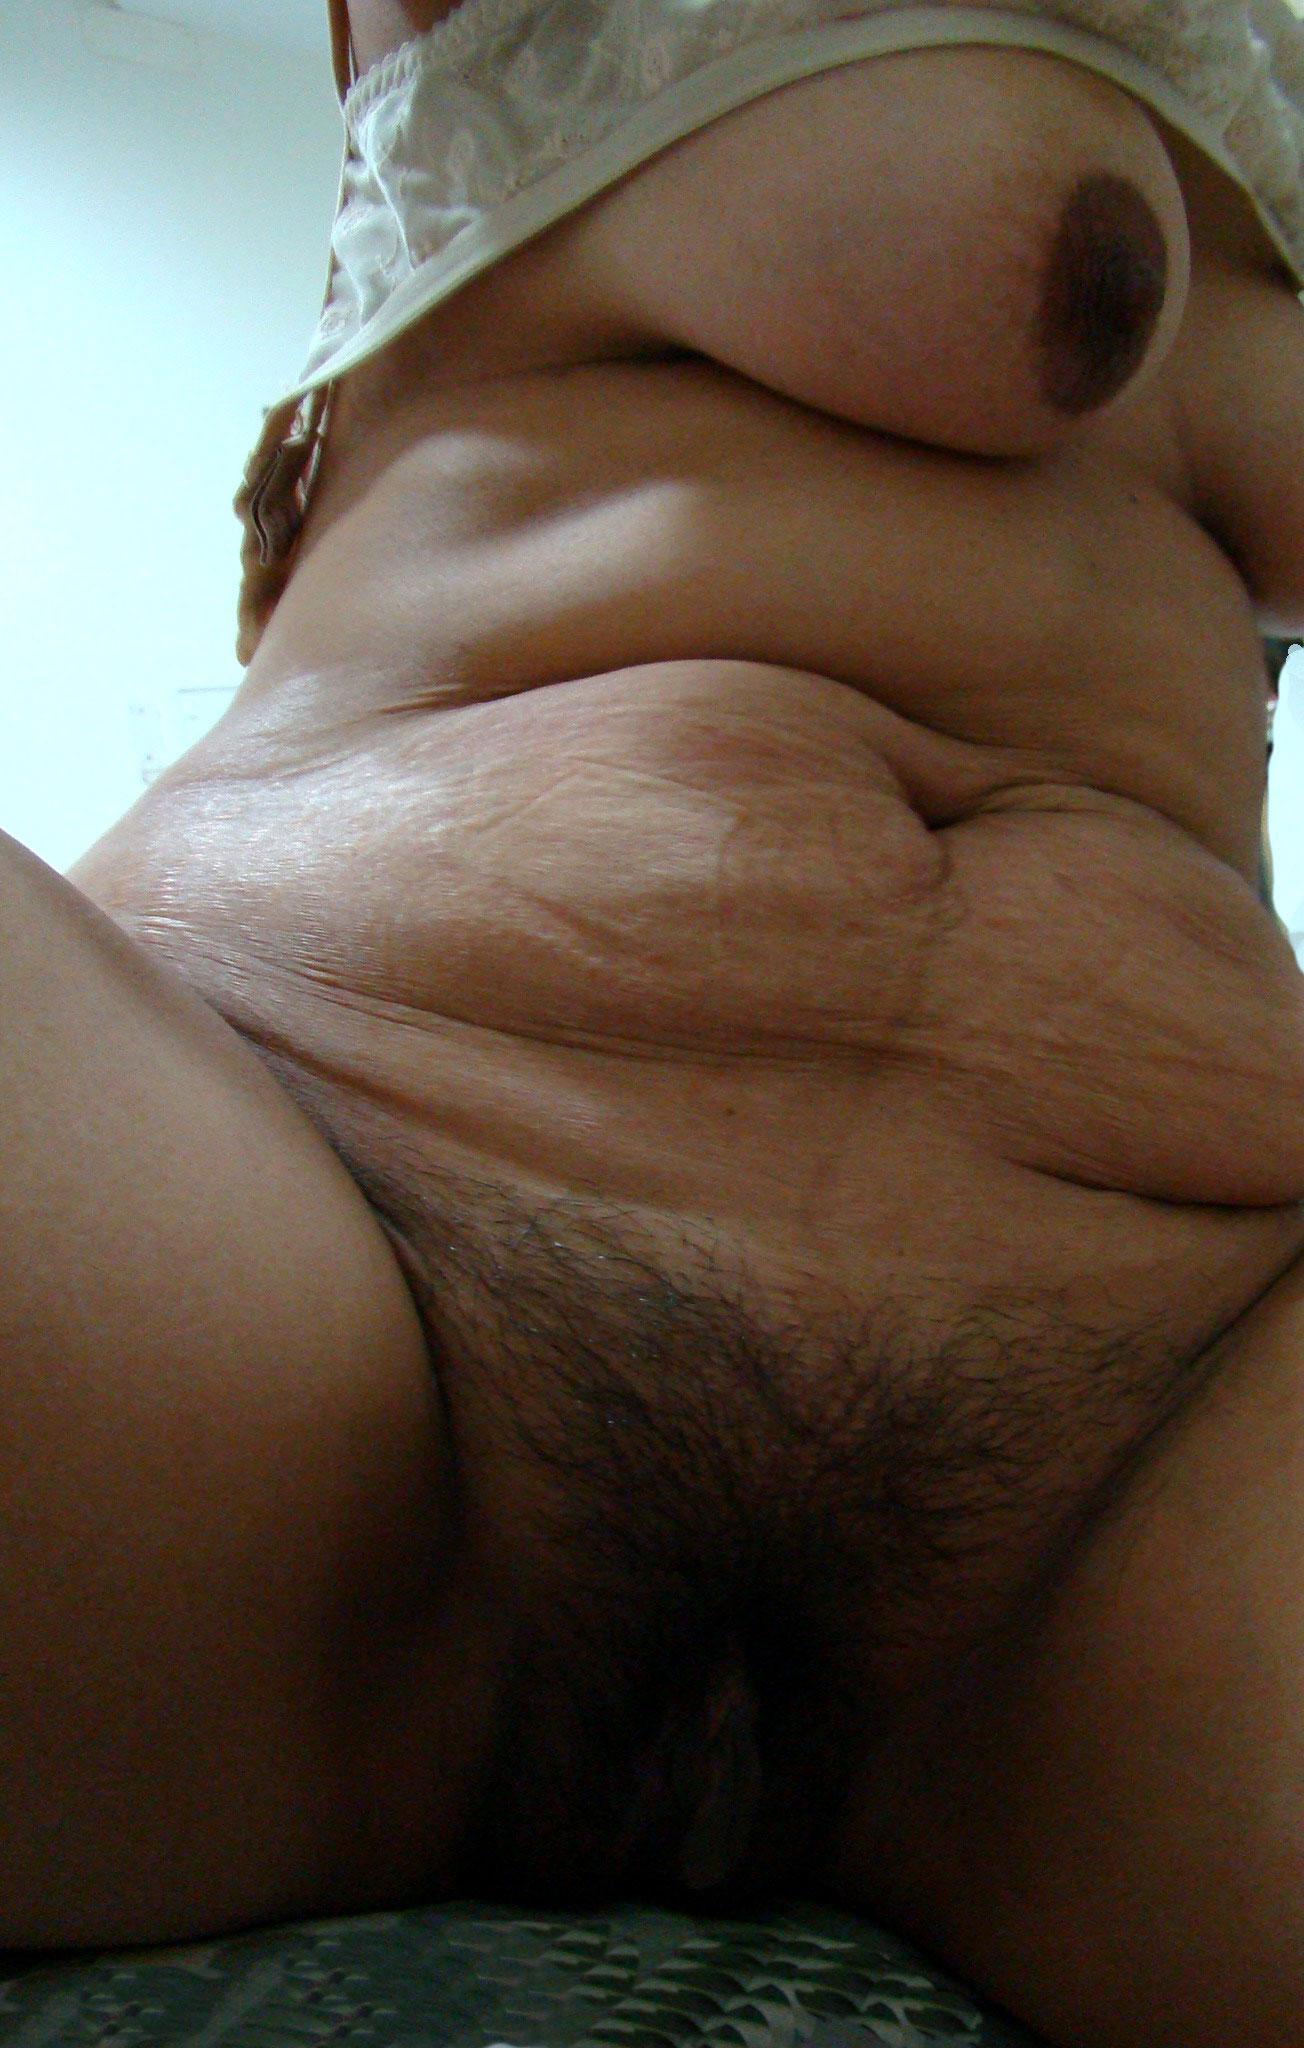 Top nude galleries